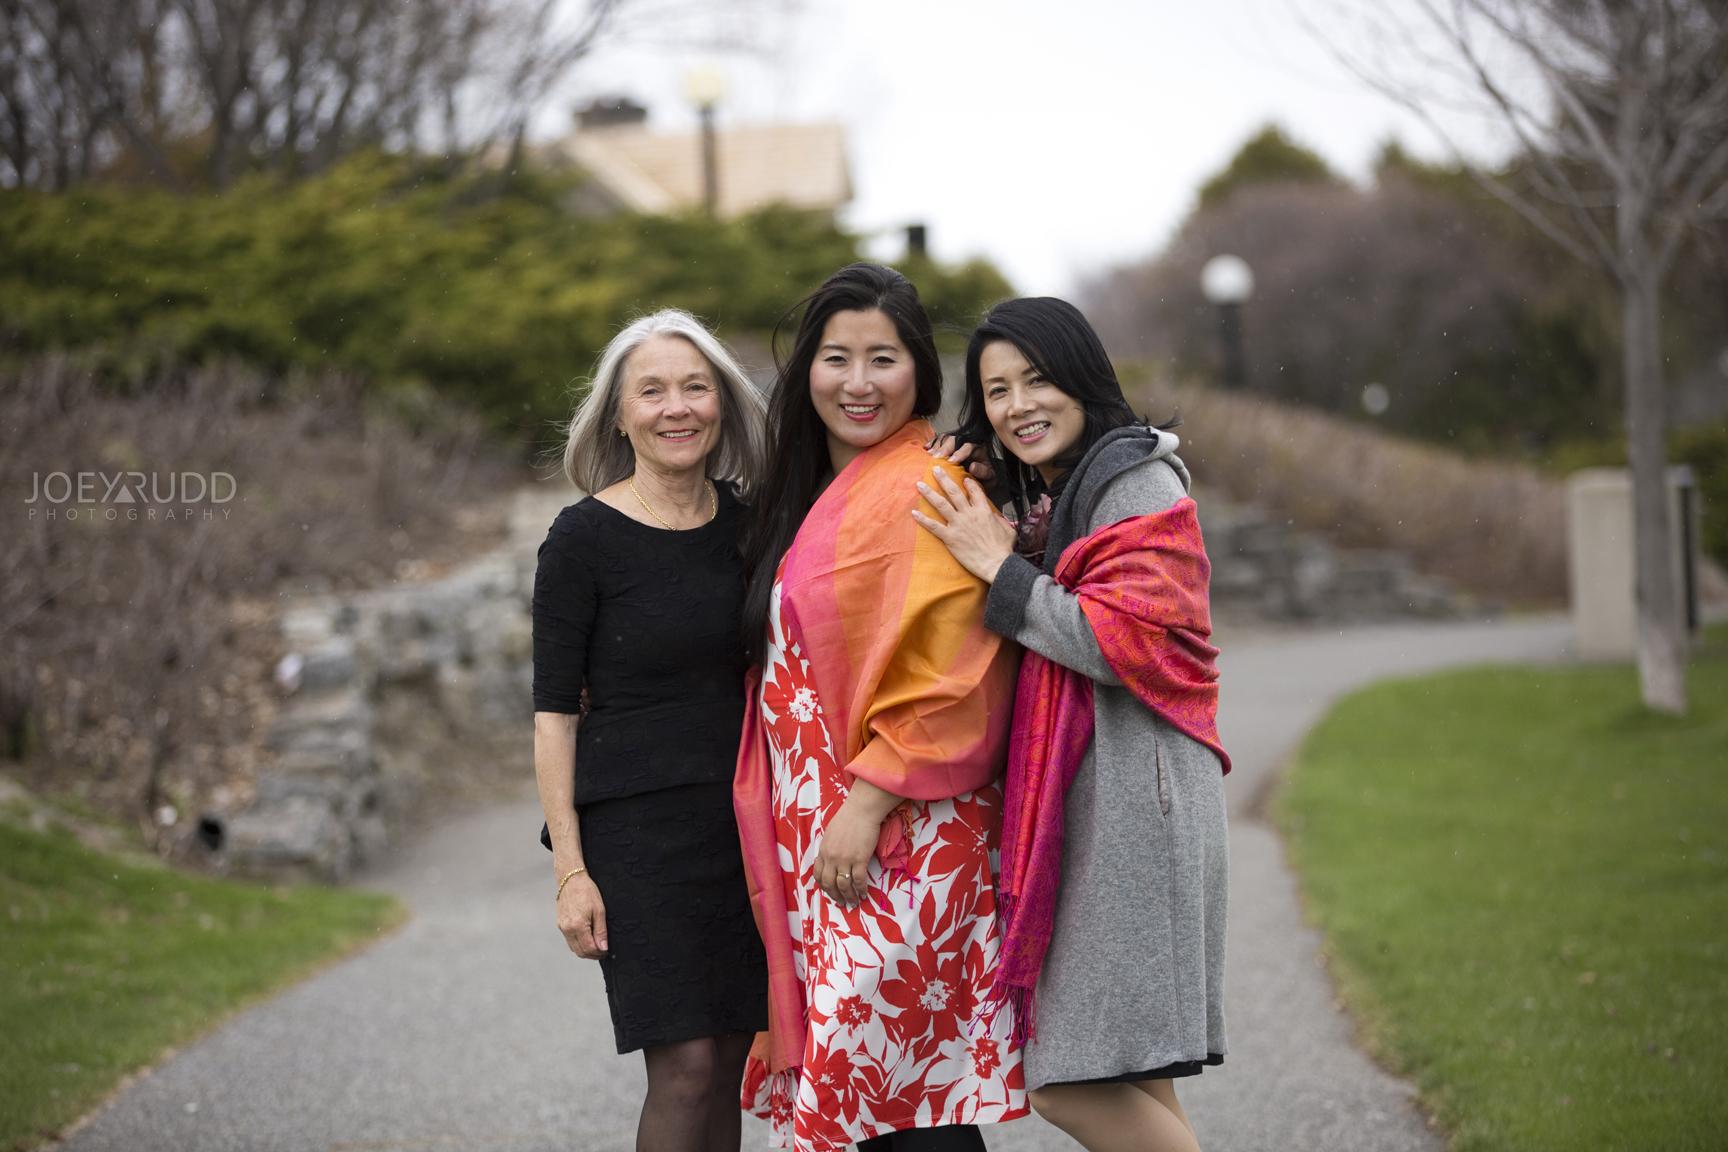 Ottawa Elopement Wedding Photographer Joey Rudd Photography Majors Hill Park Girls Shot